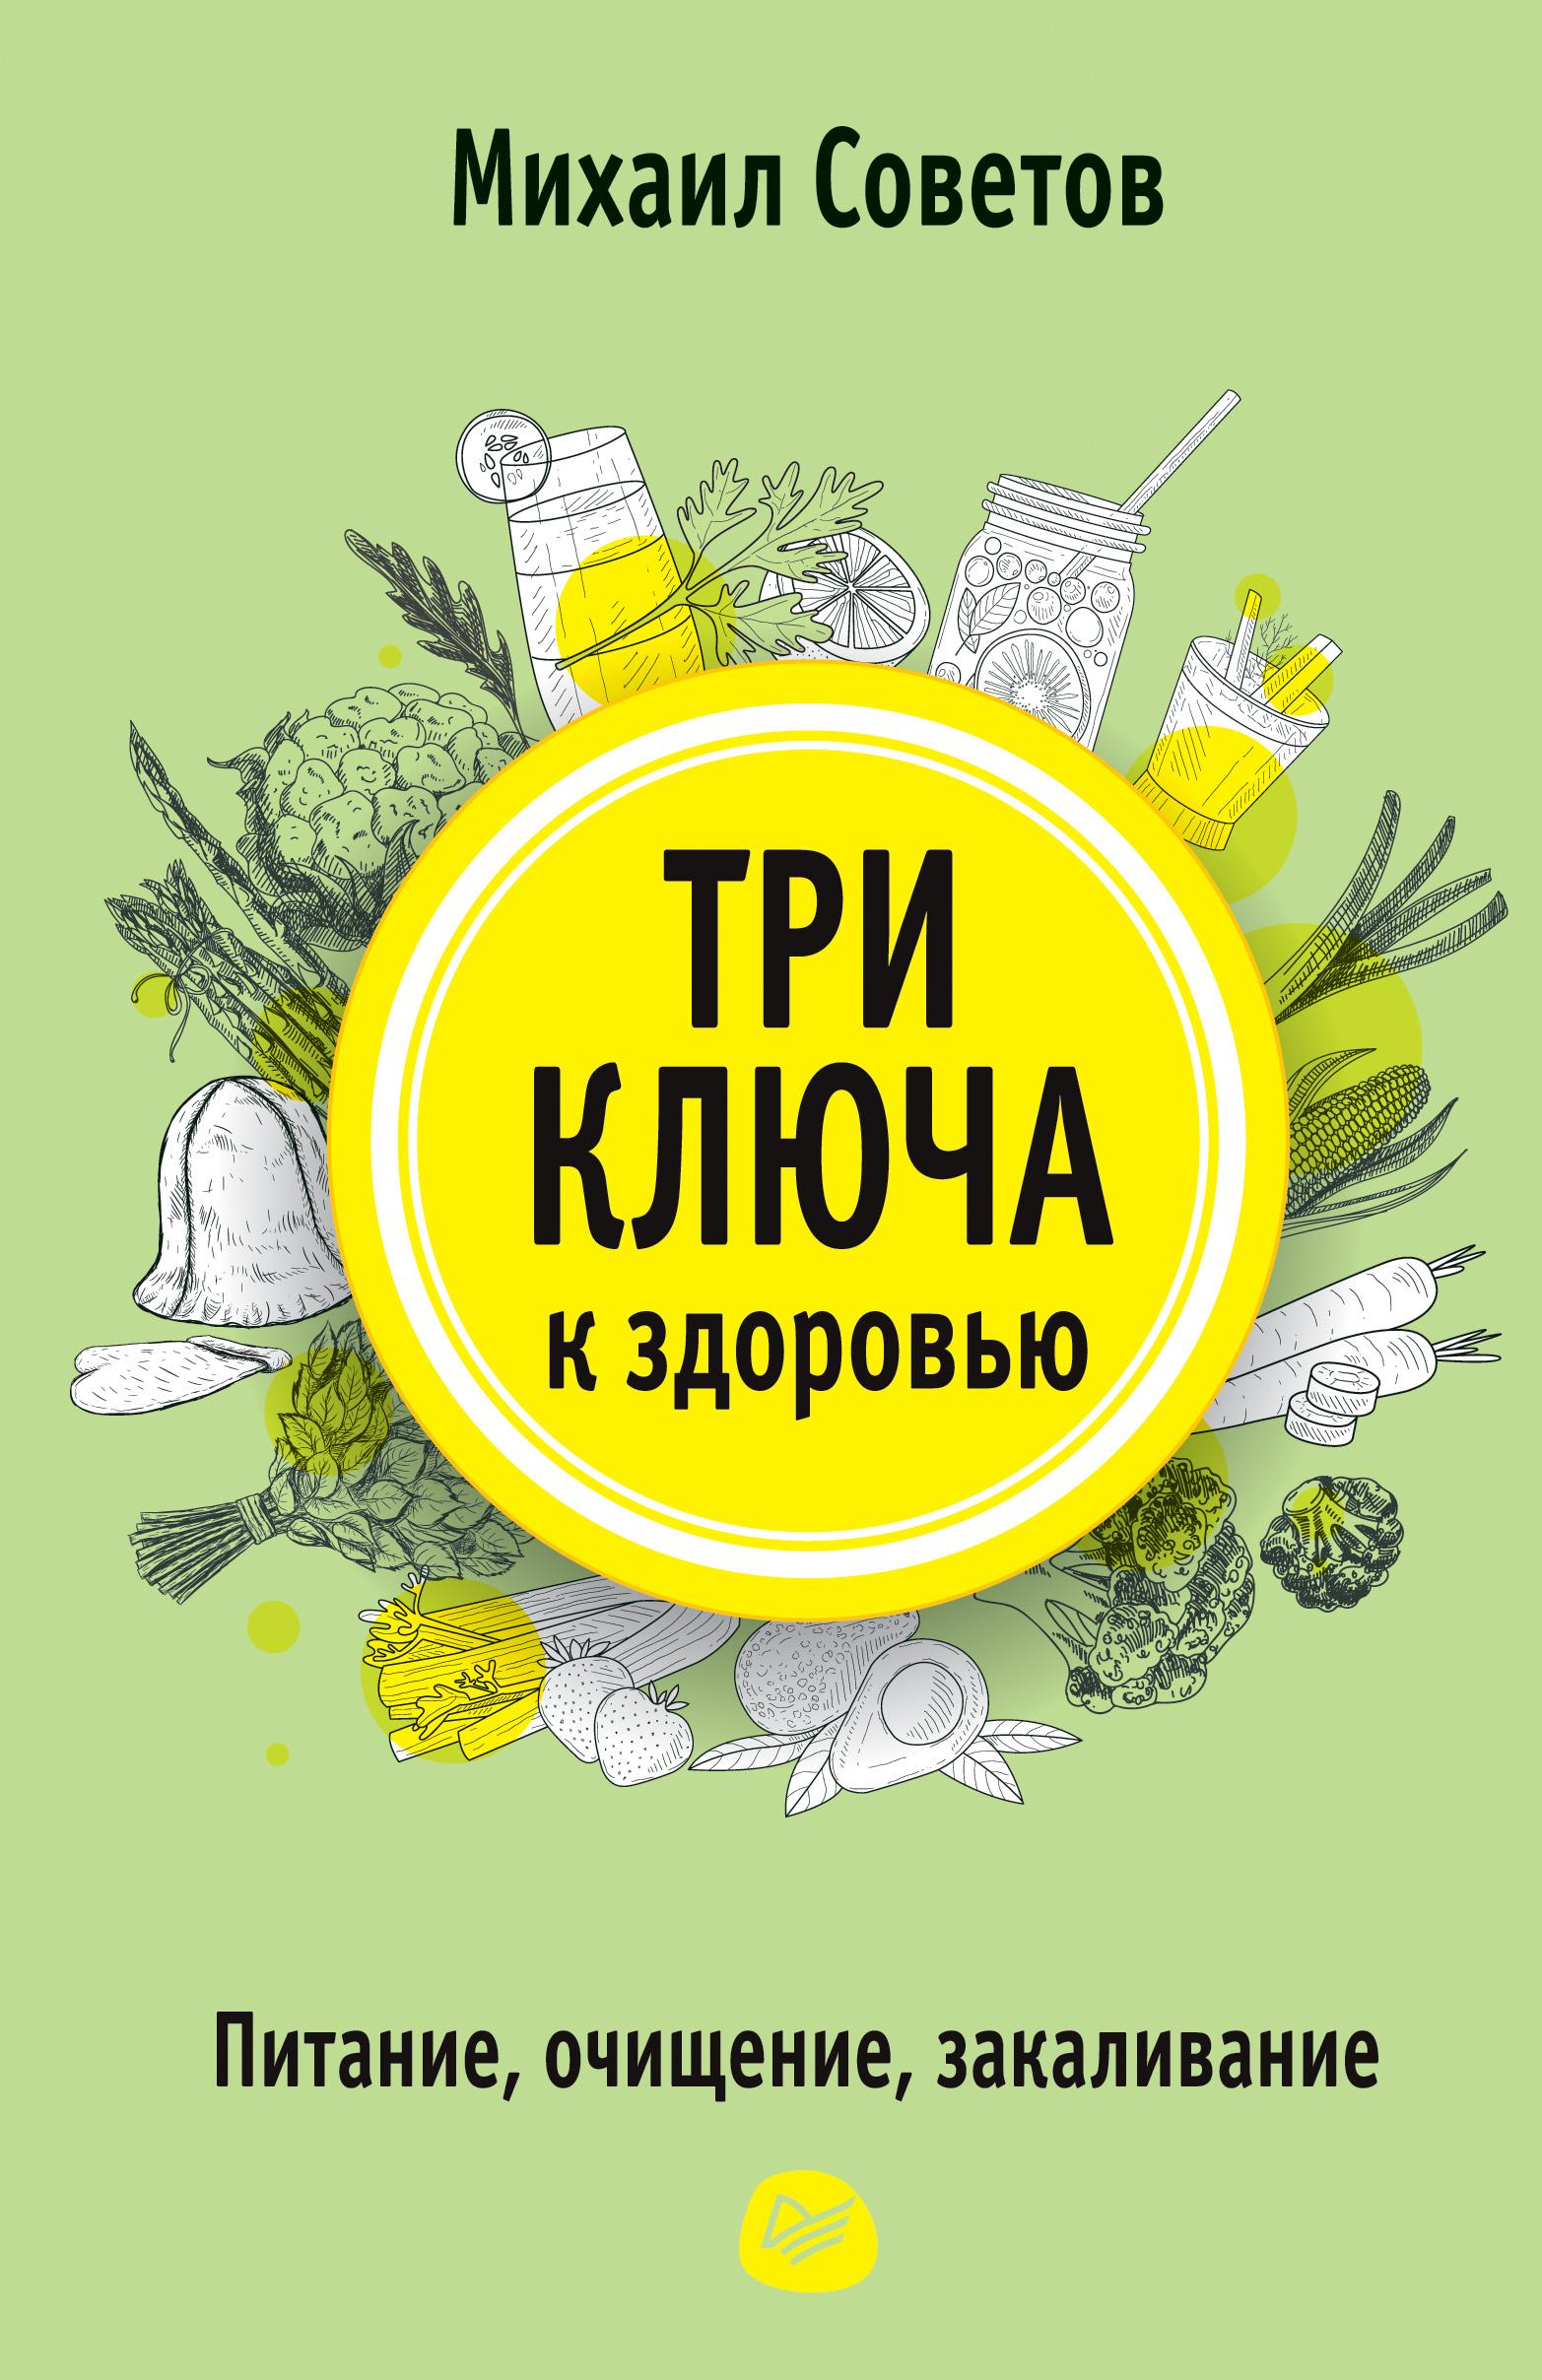 Михаил Советов Три ключа к здоровью. Питание, очищение, закаливание советов м в три ключа к здоровью питание очищение закаливание